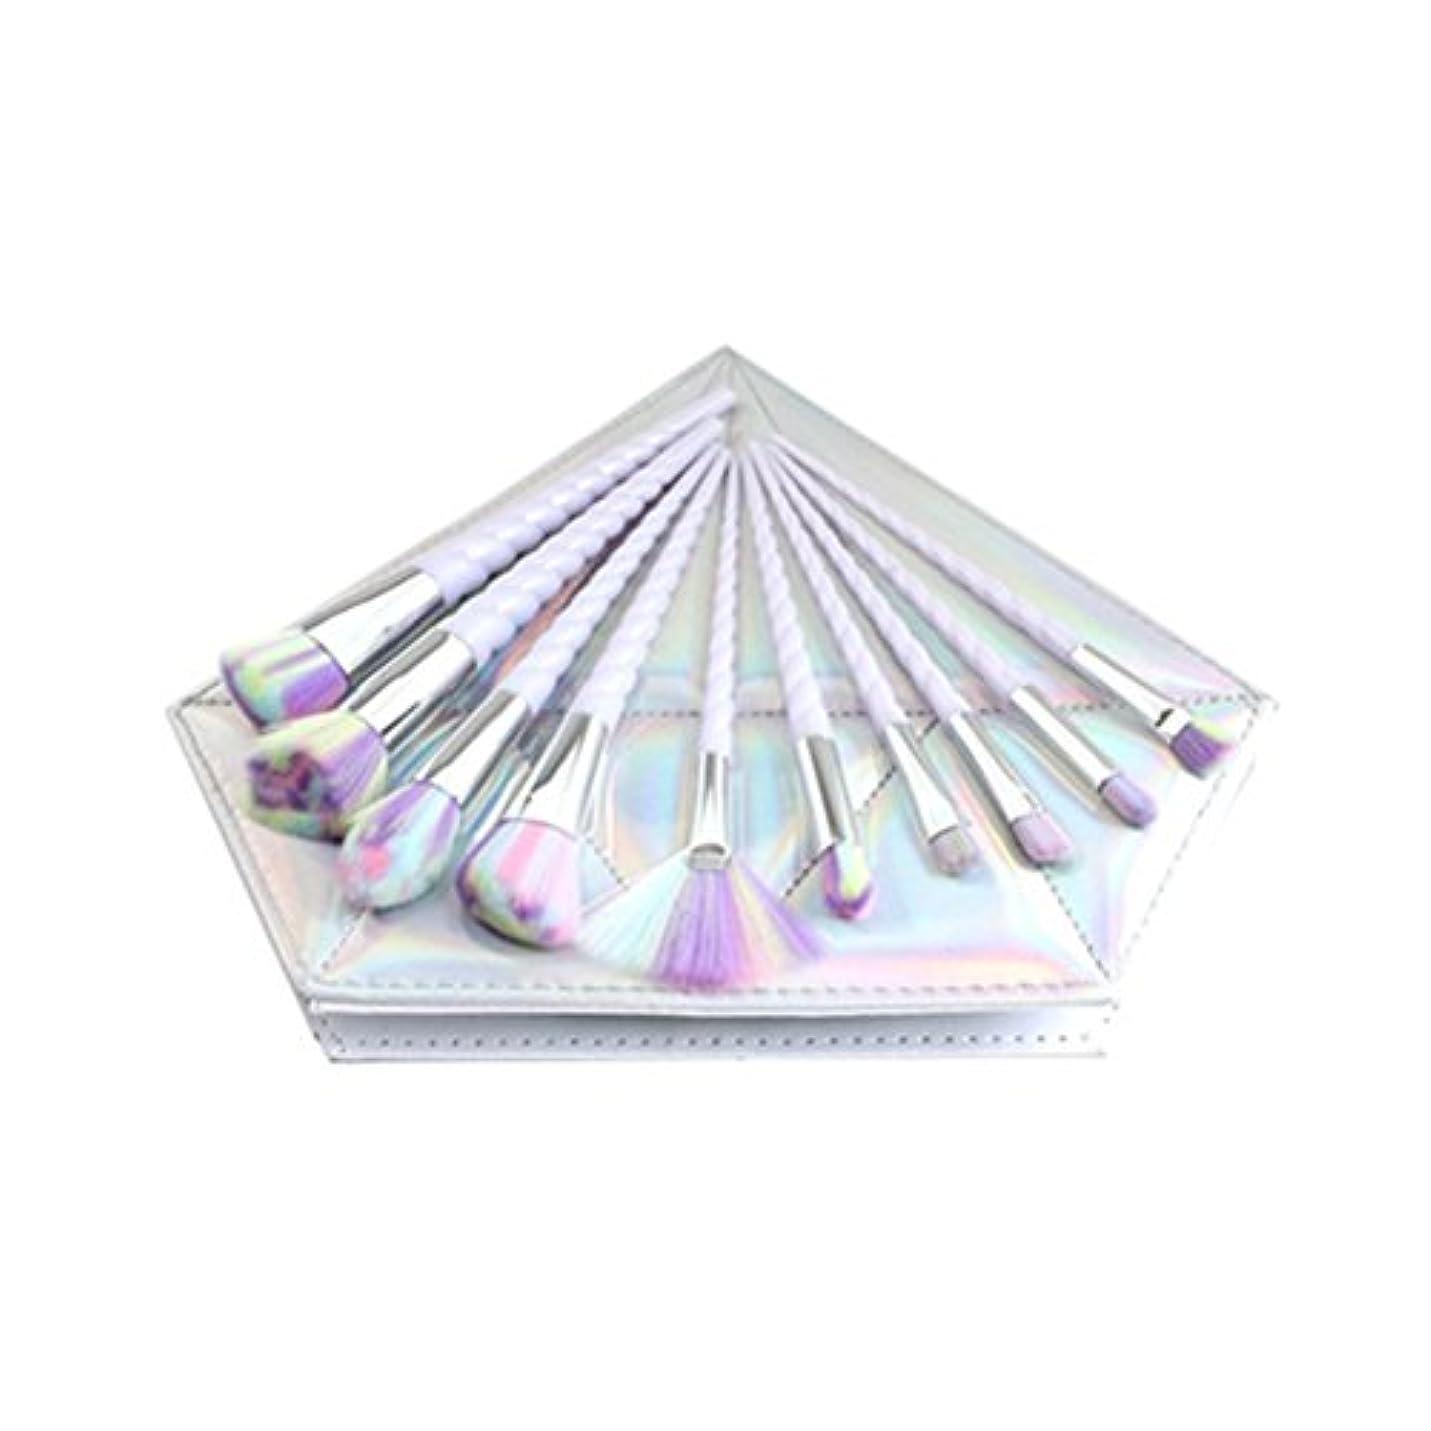 クランプステープル抵抗力があるDilla Beauty 10本セットユニコーンデザインプラスチックハンドル形状メイクブラシセット合成毛ファンデーションブラシアイシャドーブラッシャー美容ツール美しい化粧品のバッグを送る (白いハンドル - 多色の毛)